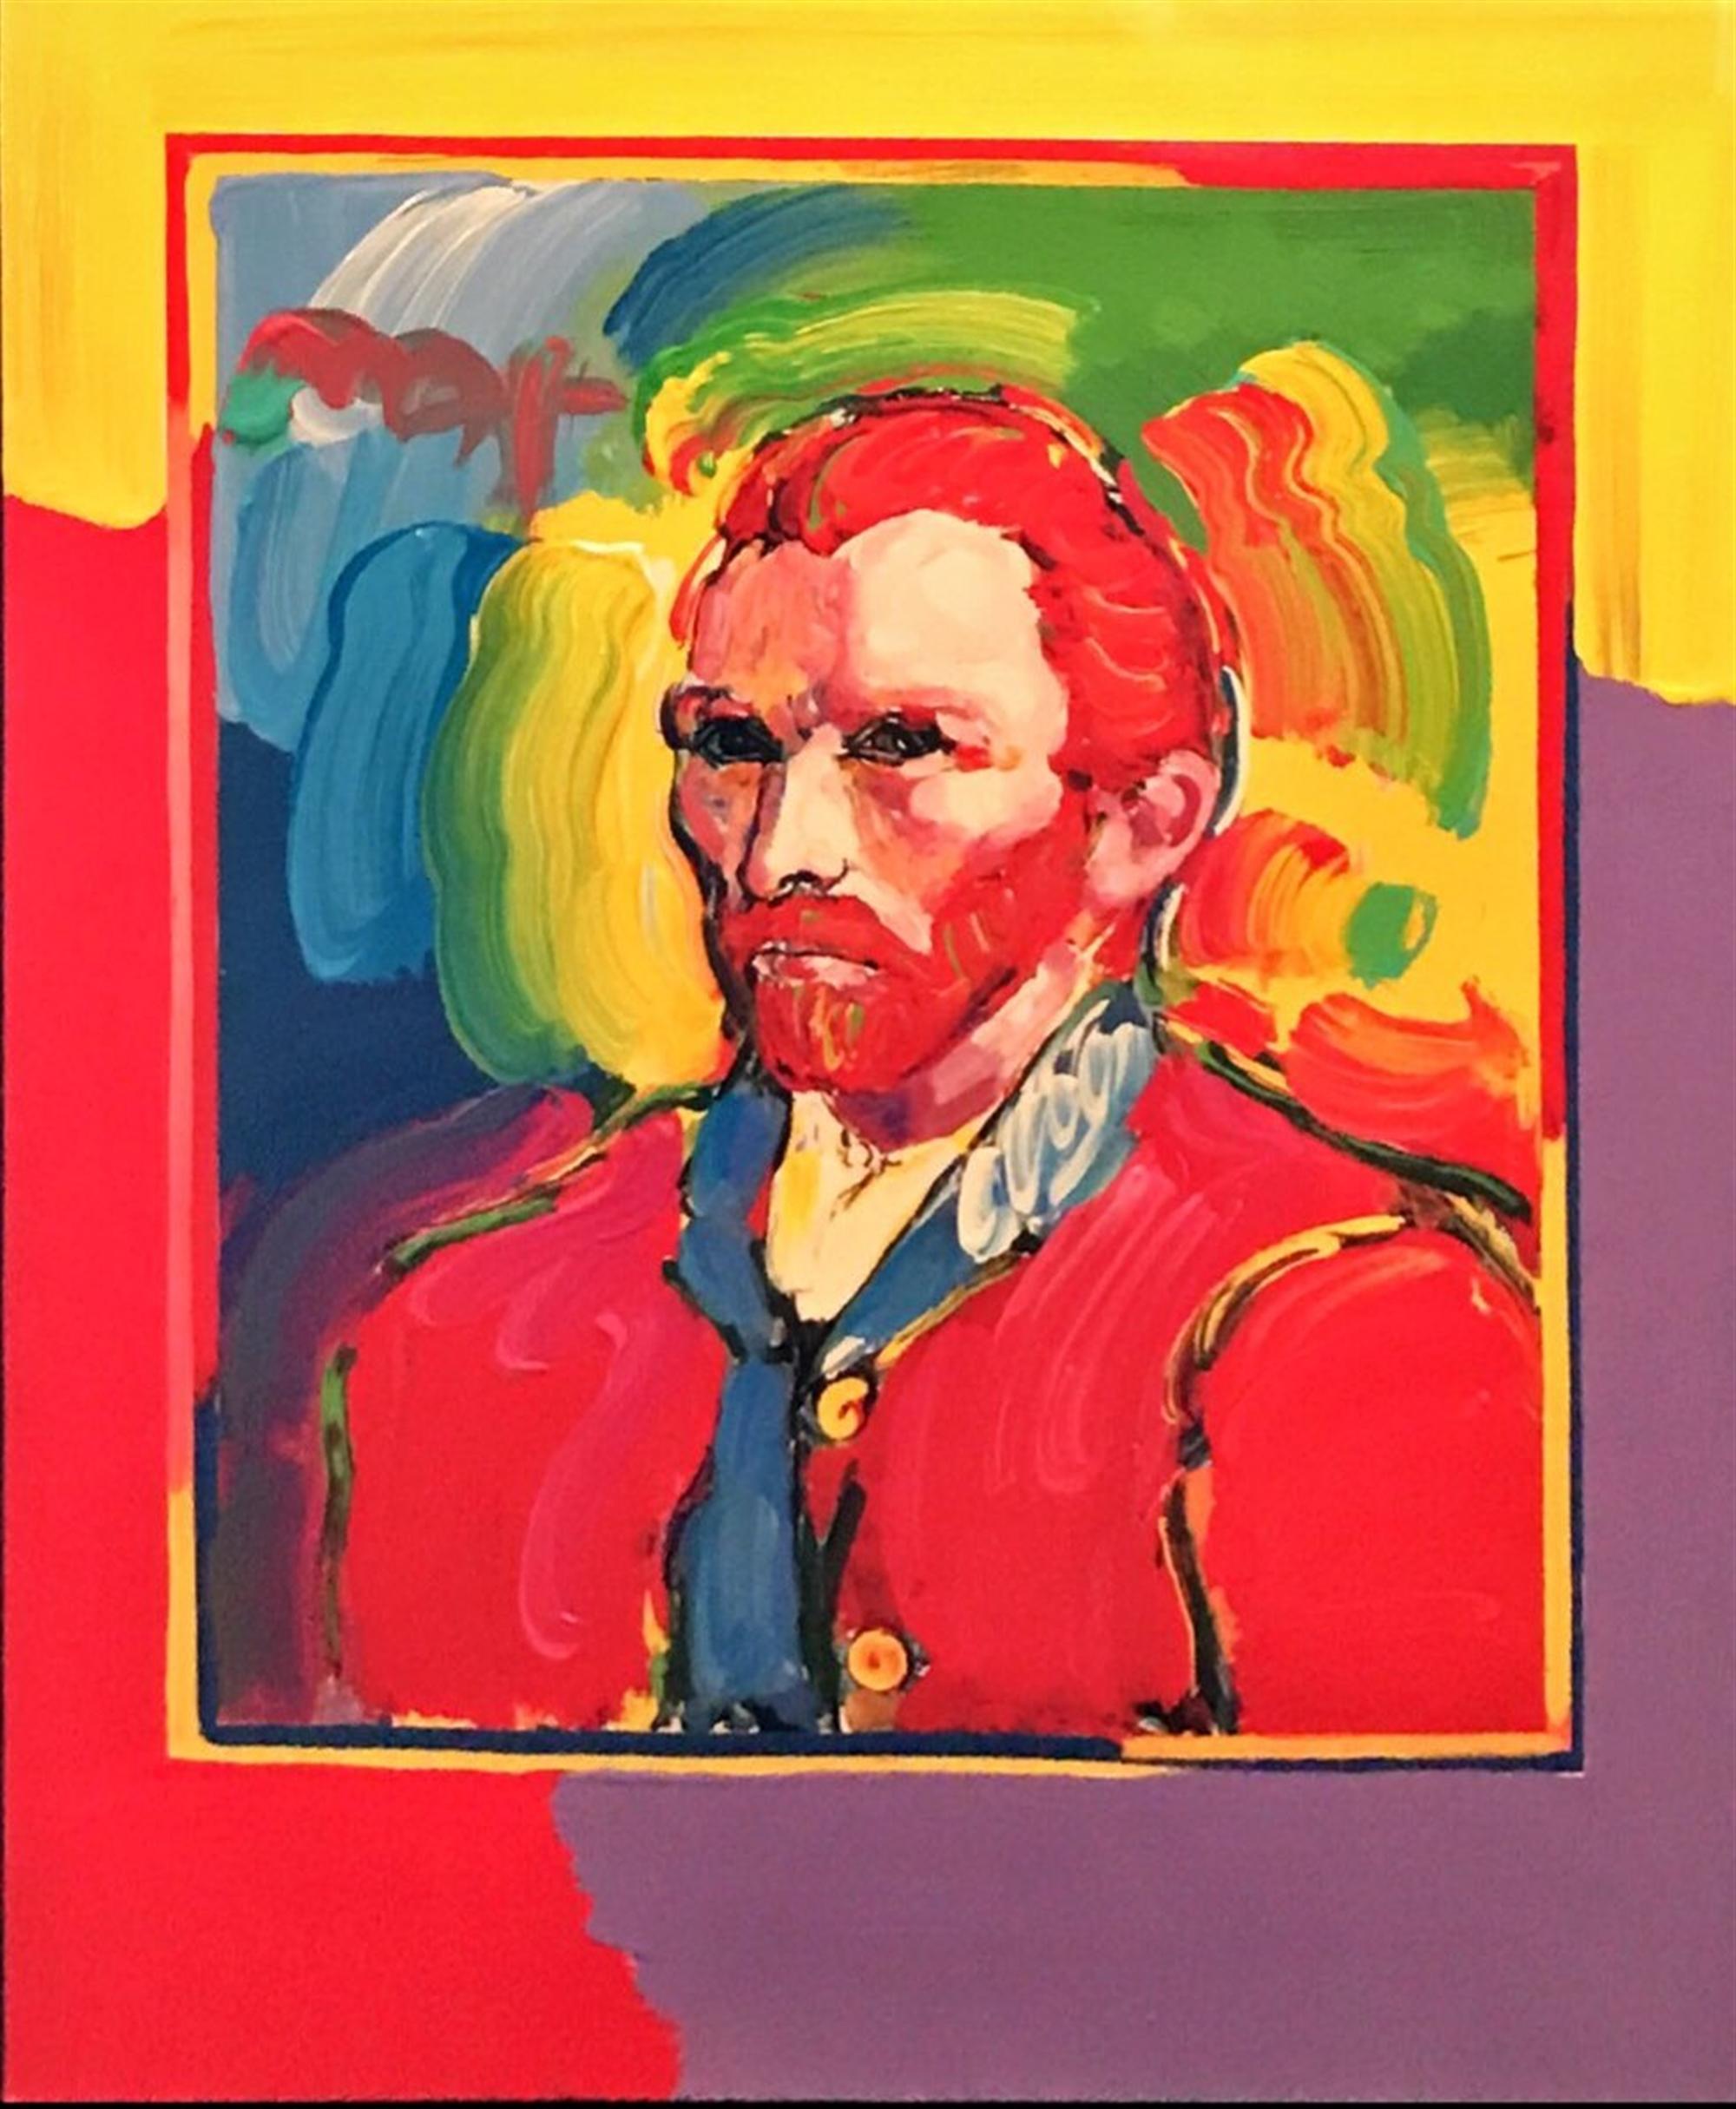 Van Gogh by Peter Max